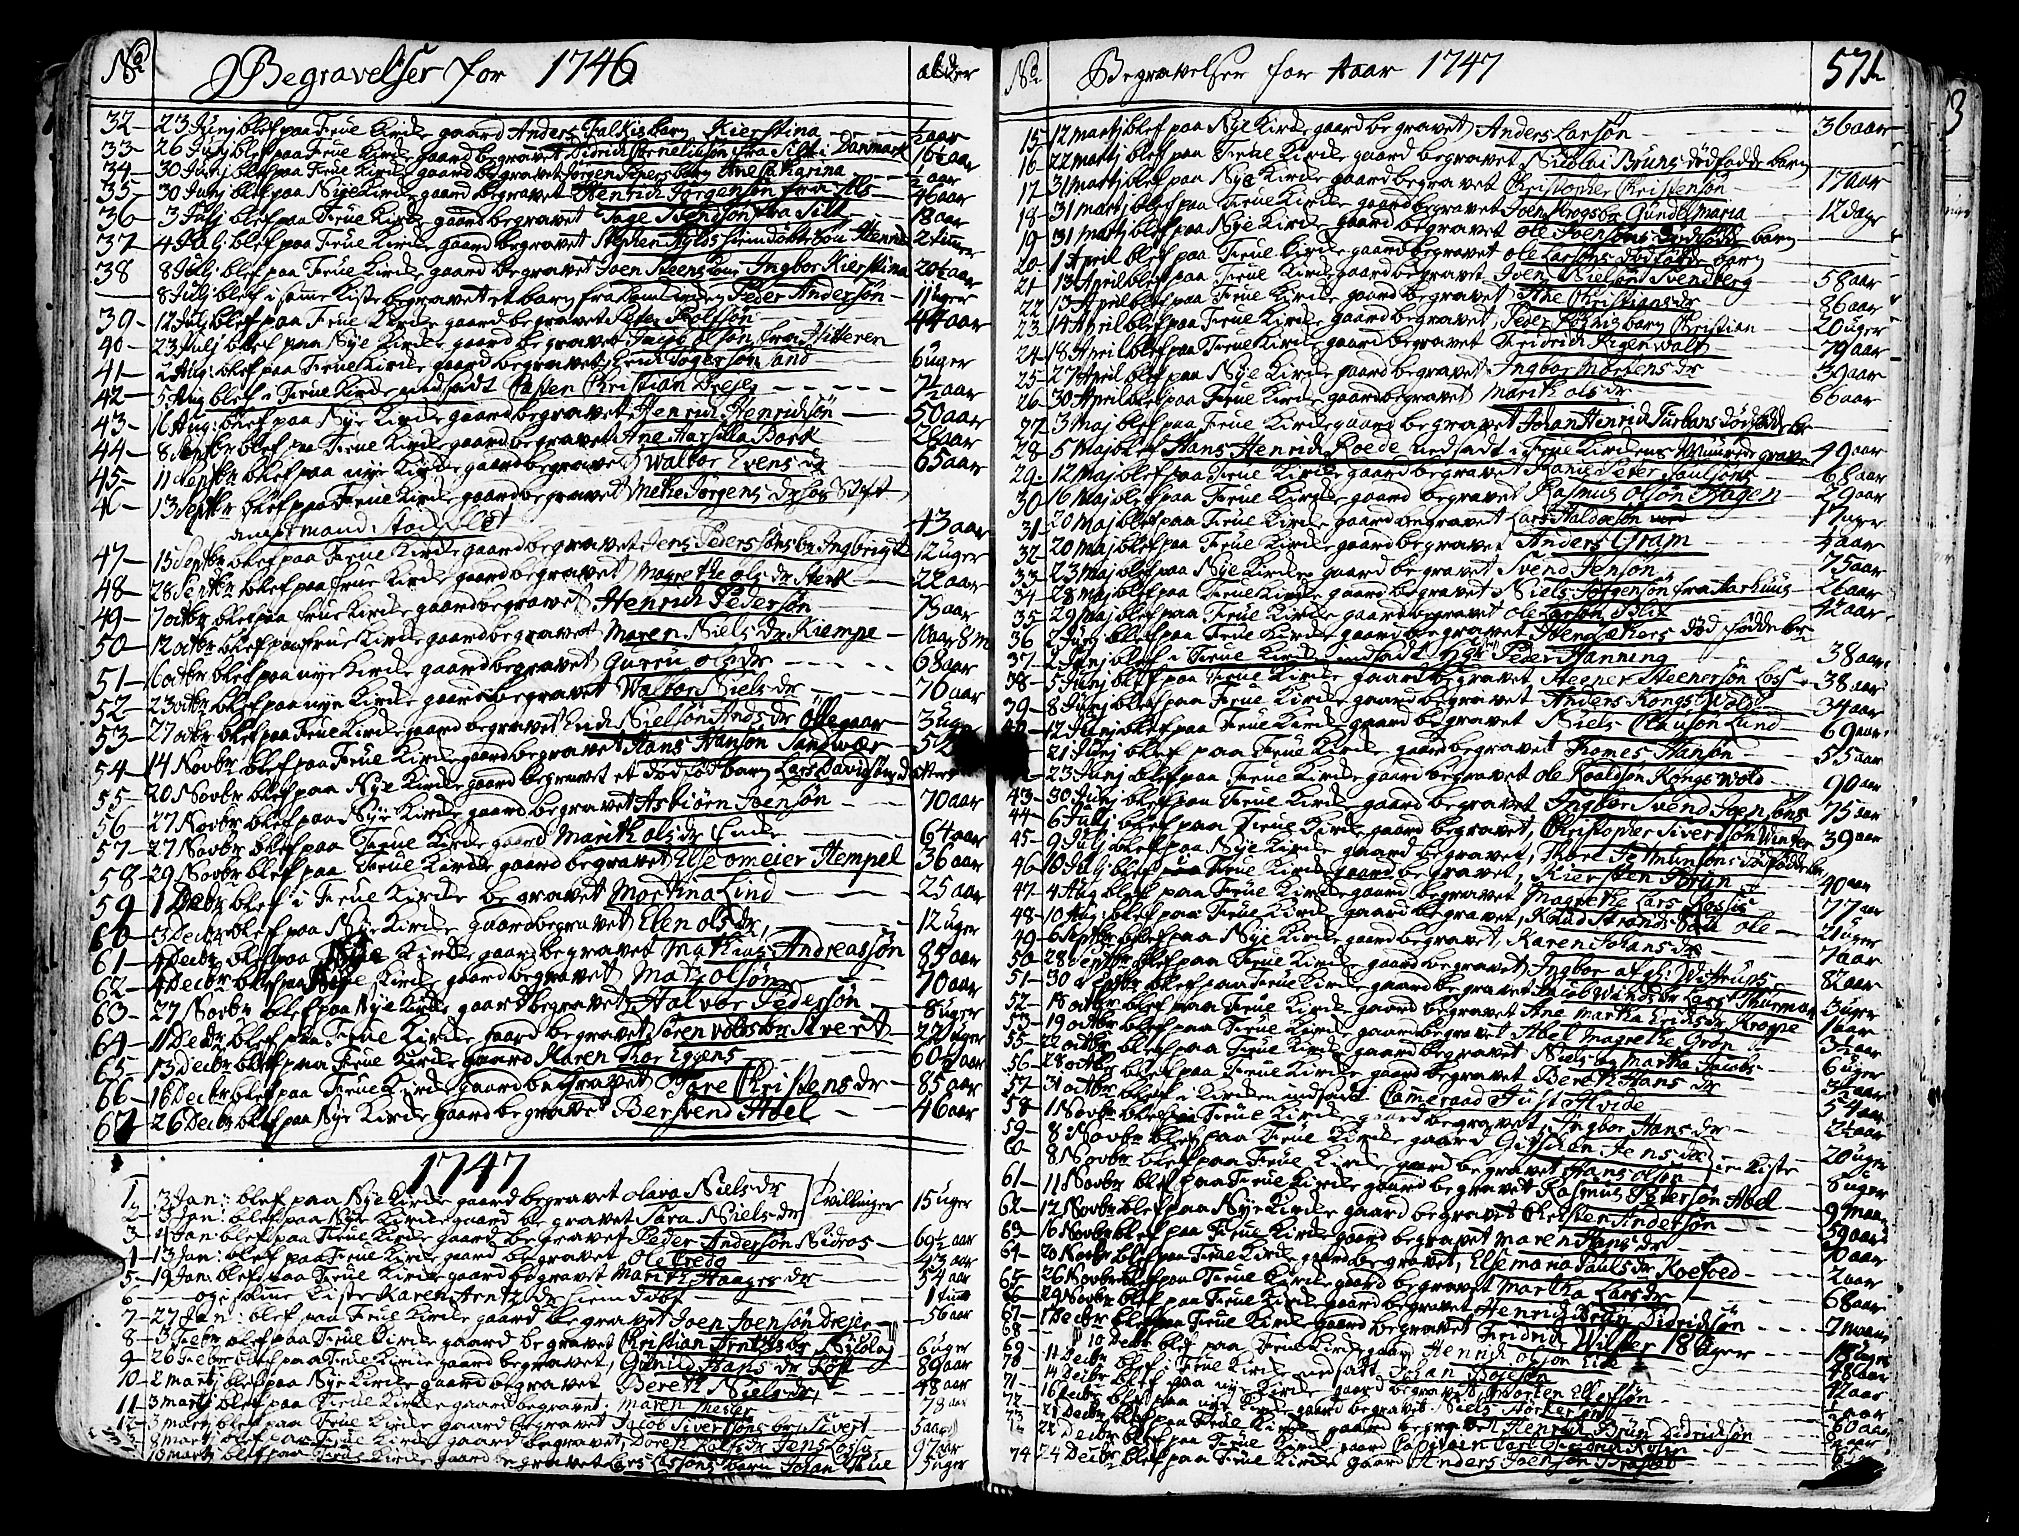 SAT, Ministerialprotokoller, klokkerbøker og fødselsregistre - Sør-Trøndelag, 602/L0103: Ministerialbok nr. 602A01, 1732-1774, s. 571